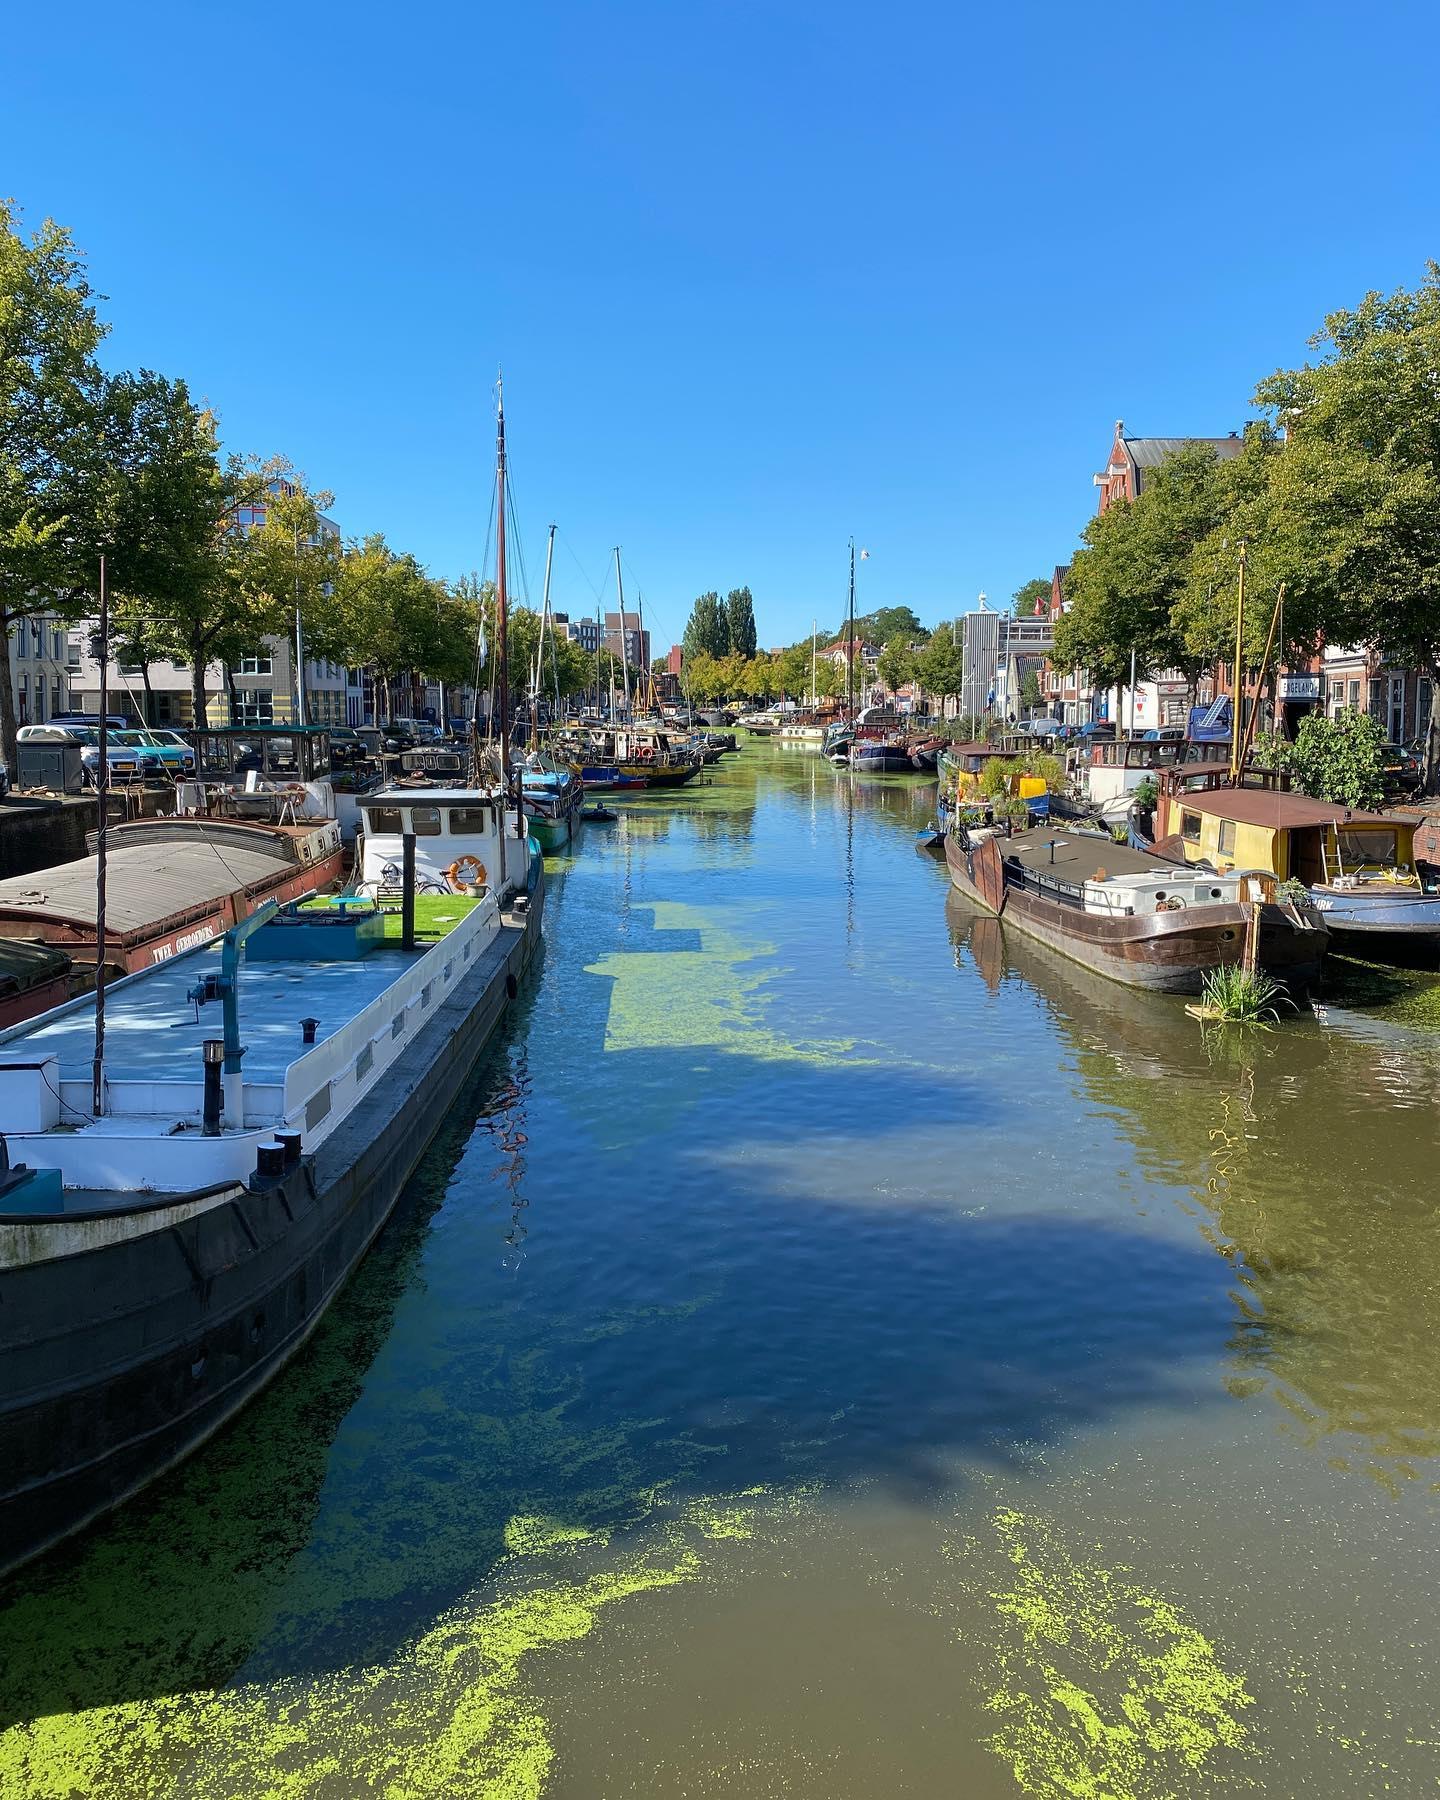 Groningen, wie viele andere niederländische Städte auch, ist durchzogen von…